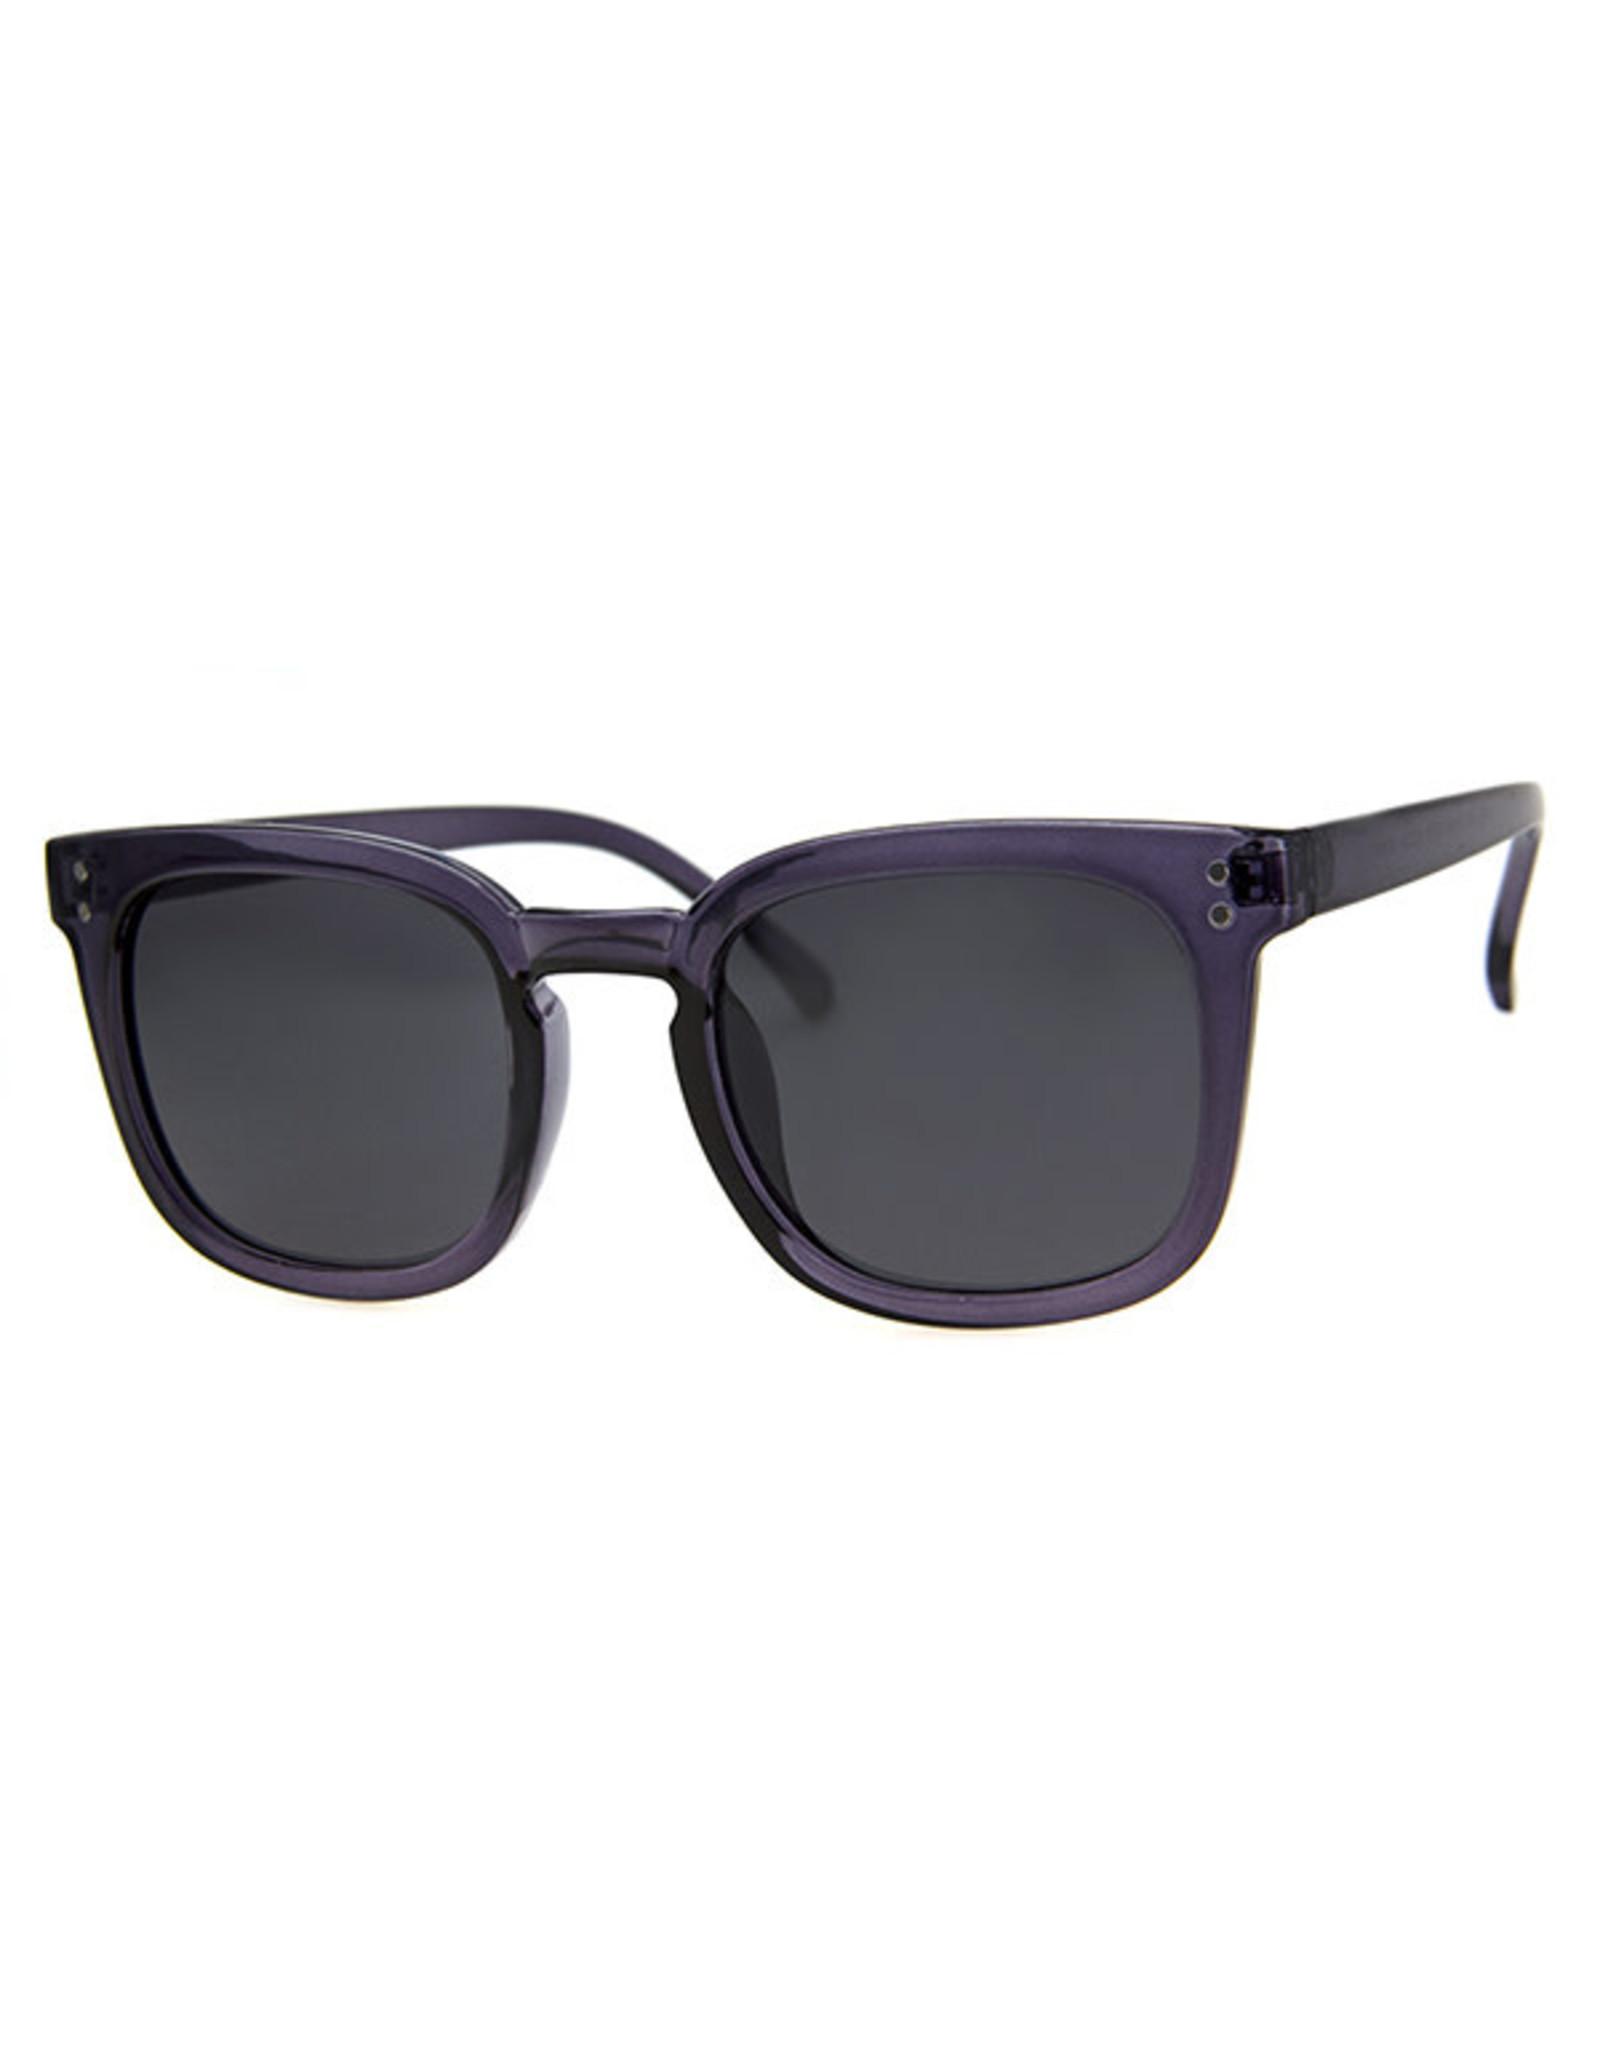 AJM - Square Frame Sunglasses